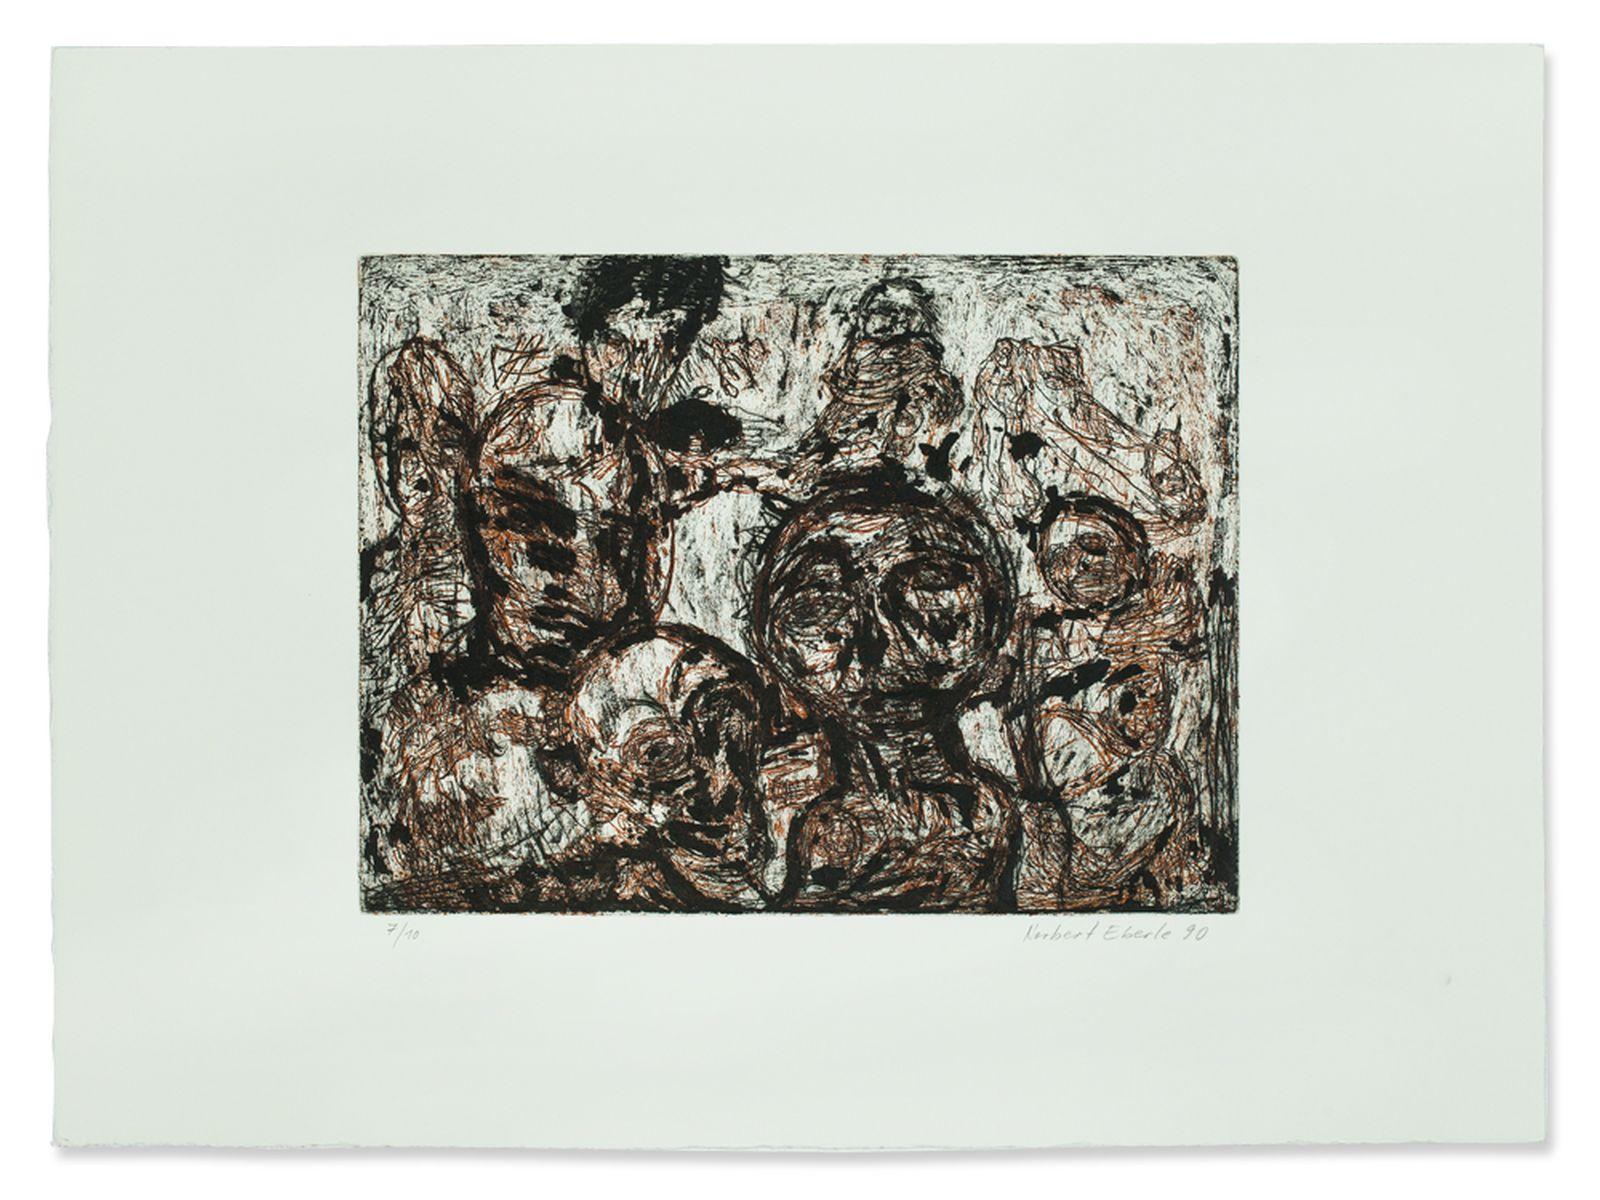 #137 Norbert Eberle, Color Etching of Heads, Germany, 1990 | Norbert Eberle (geb. 1954), Farbradierung, Köpfe, 1990 Image